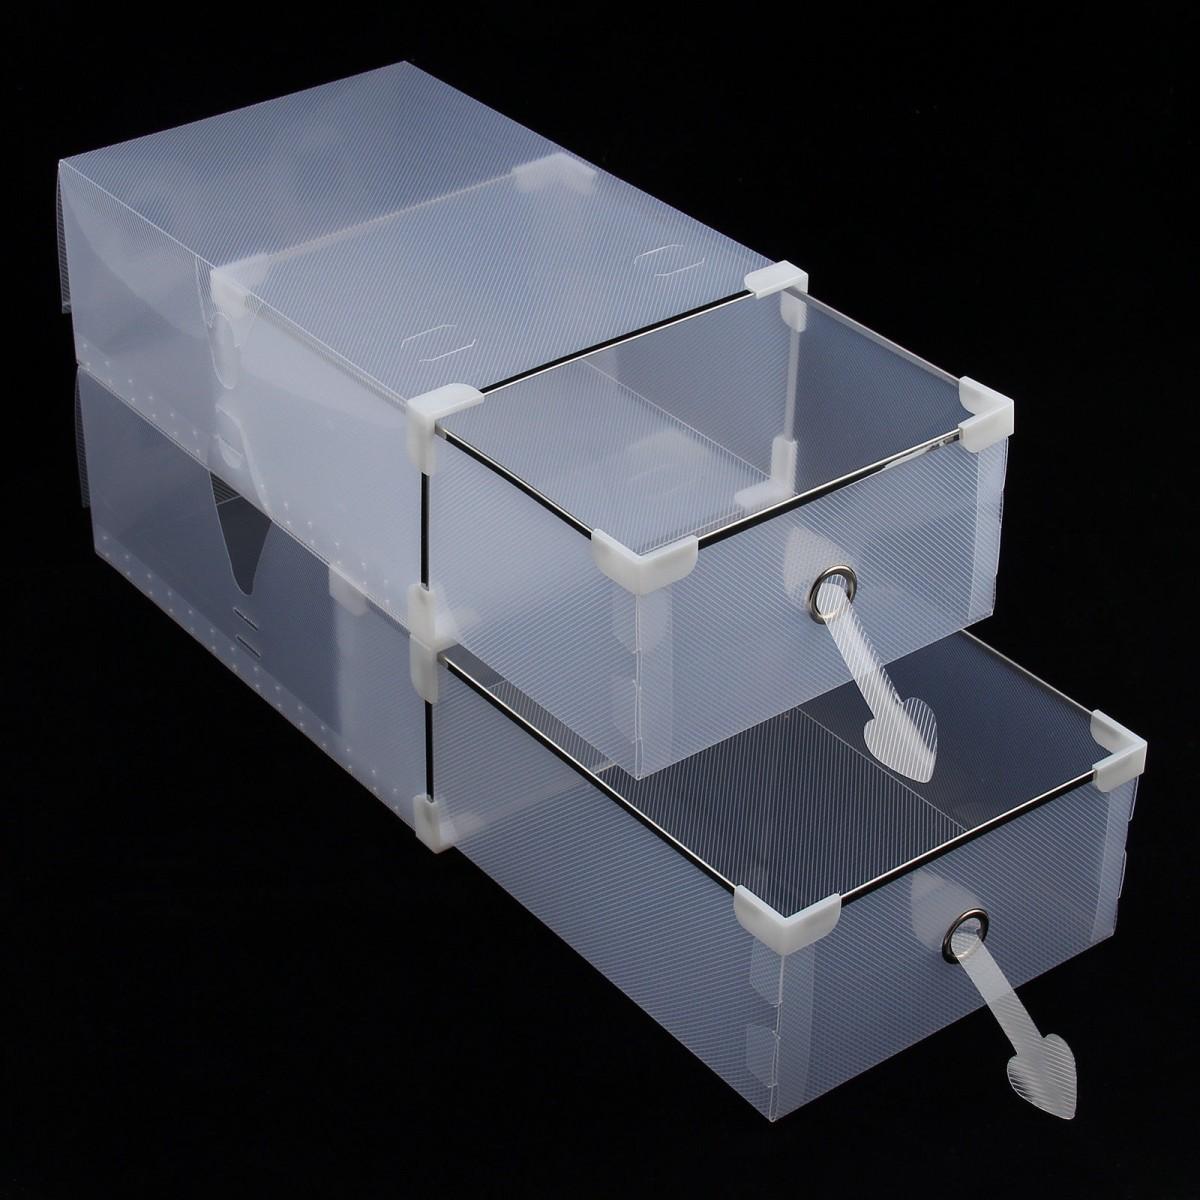 Купить Сборный модуль для хранения обуви из 6 шт, 31 х 19,5 х 10,5 см